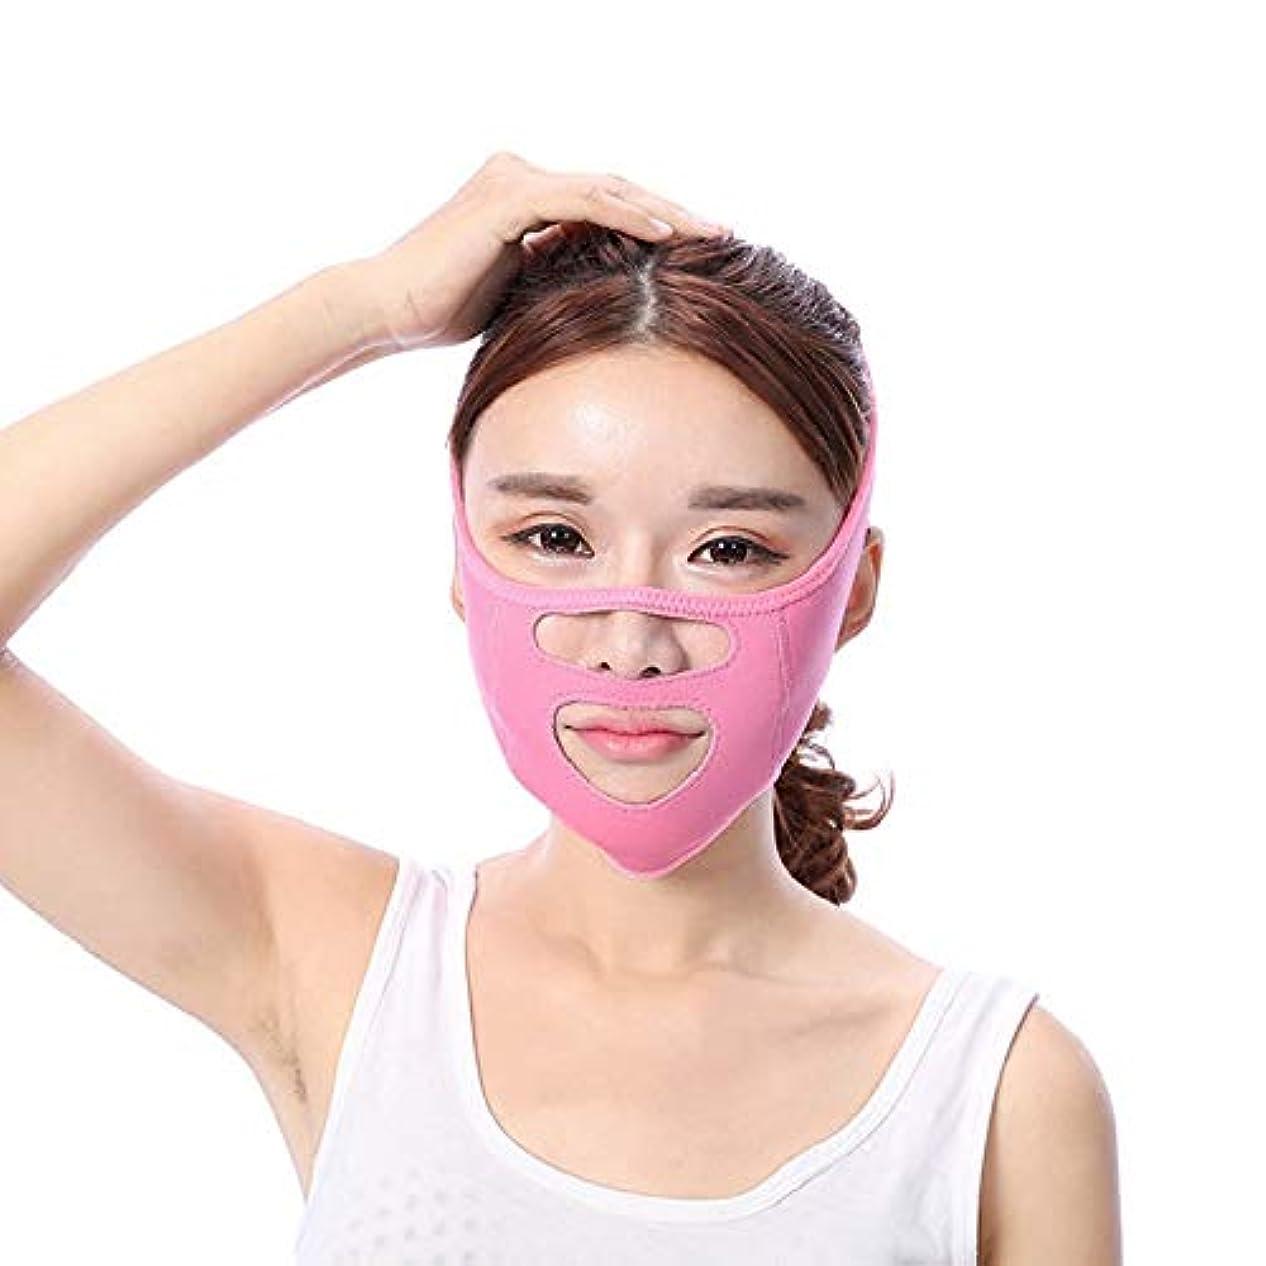 バケットひねくれたコアJia He 軽量 フェイスリフトベルトフェイスバンデージ美容機器リフティングファインディングダブルチン法令Vマスク睡眠マスク通気性 ##